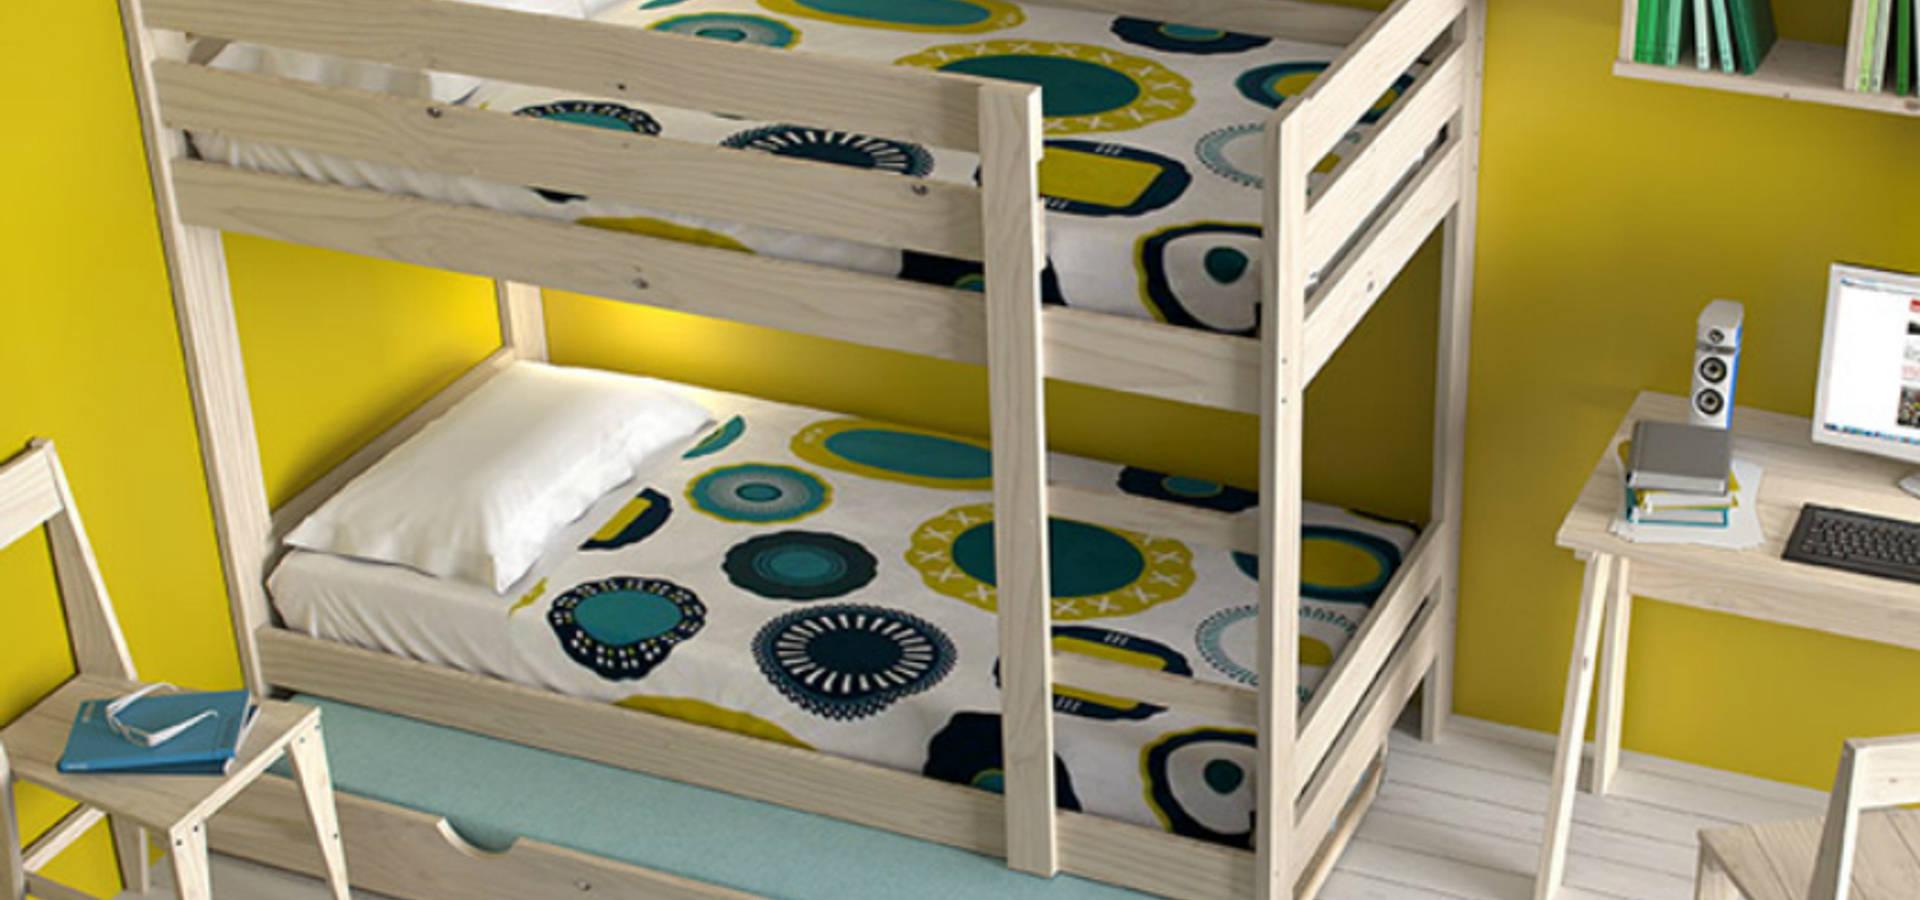 Muebles lufe furniture accessories in azpeitia homify - Muebles lufe azpeitia ...